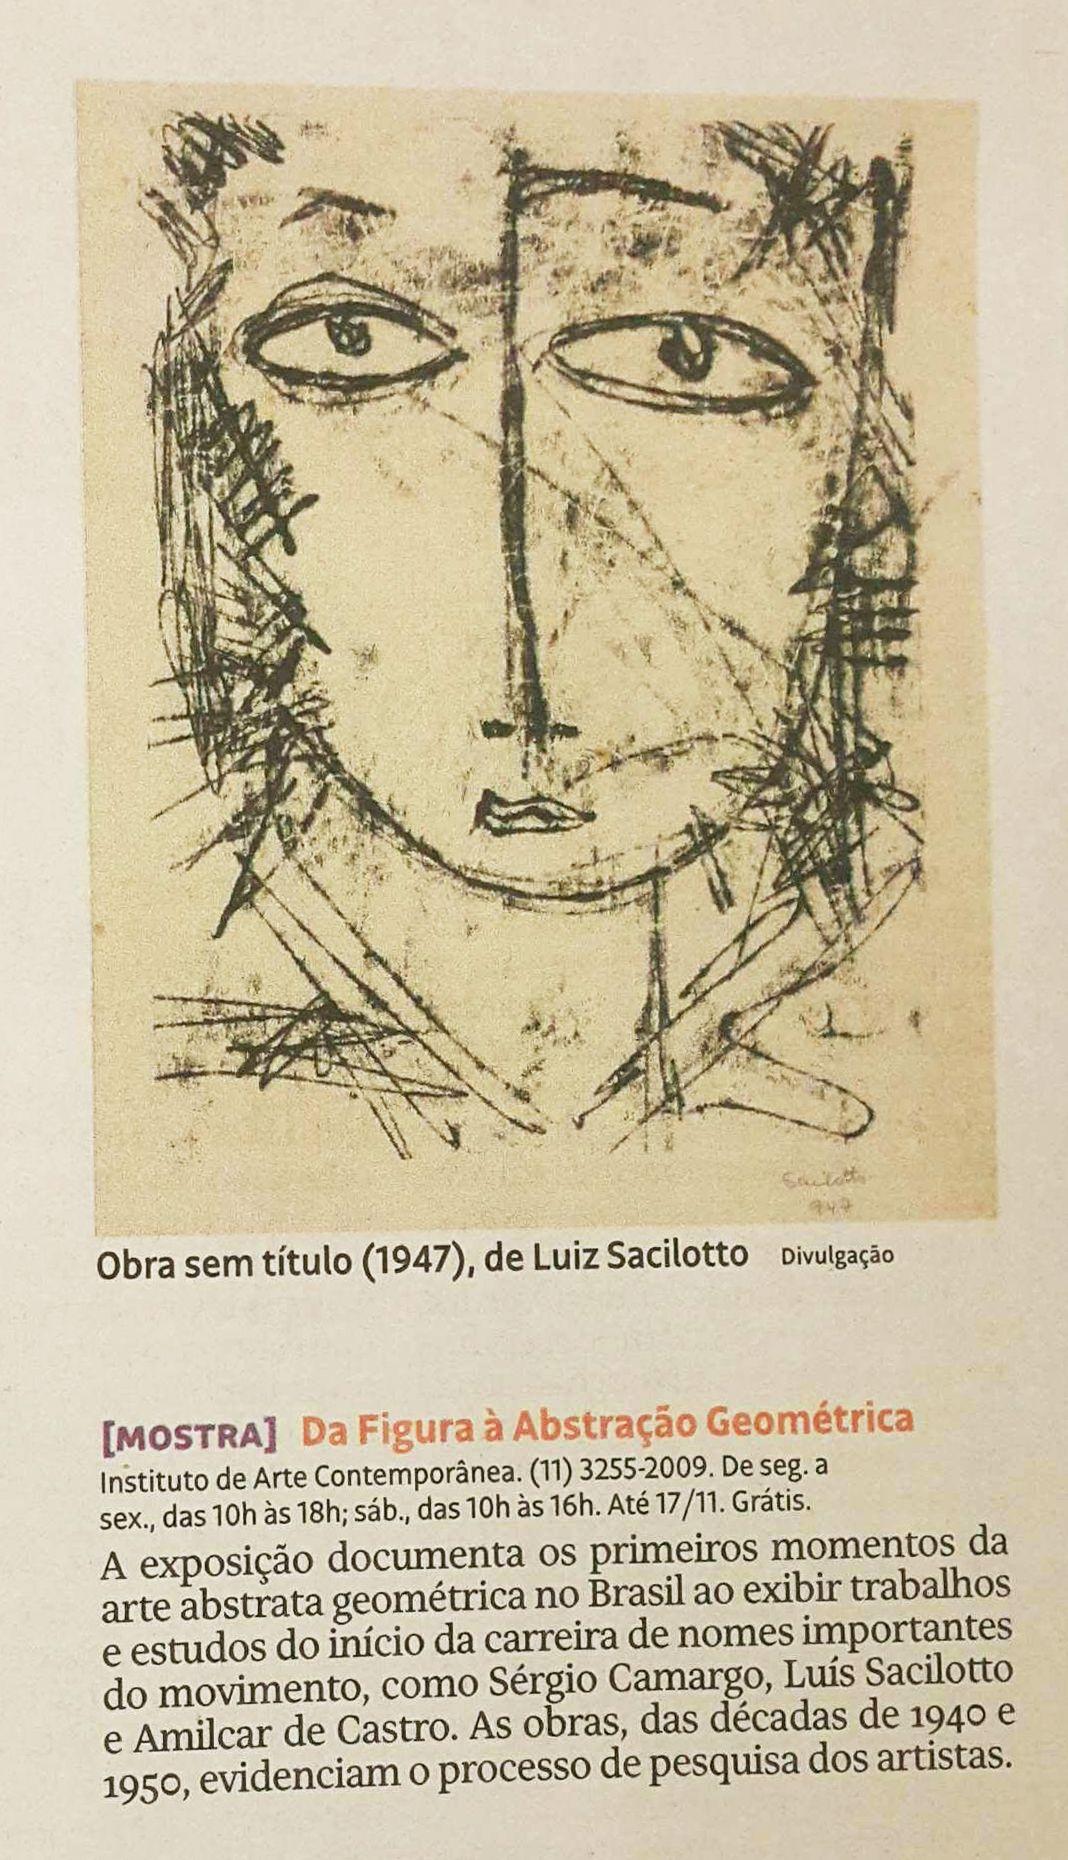 A Exposicao Do Iacbrasil Da Figura A Abstracao Geometrica Foi